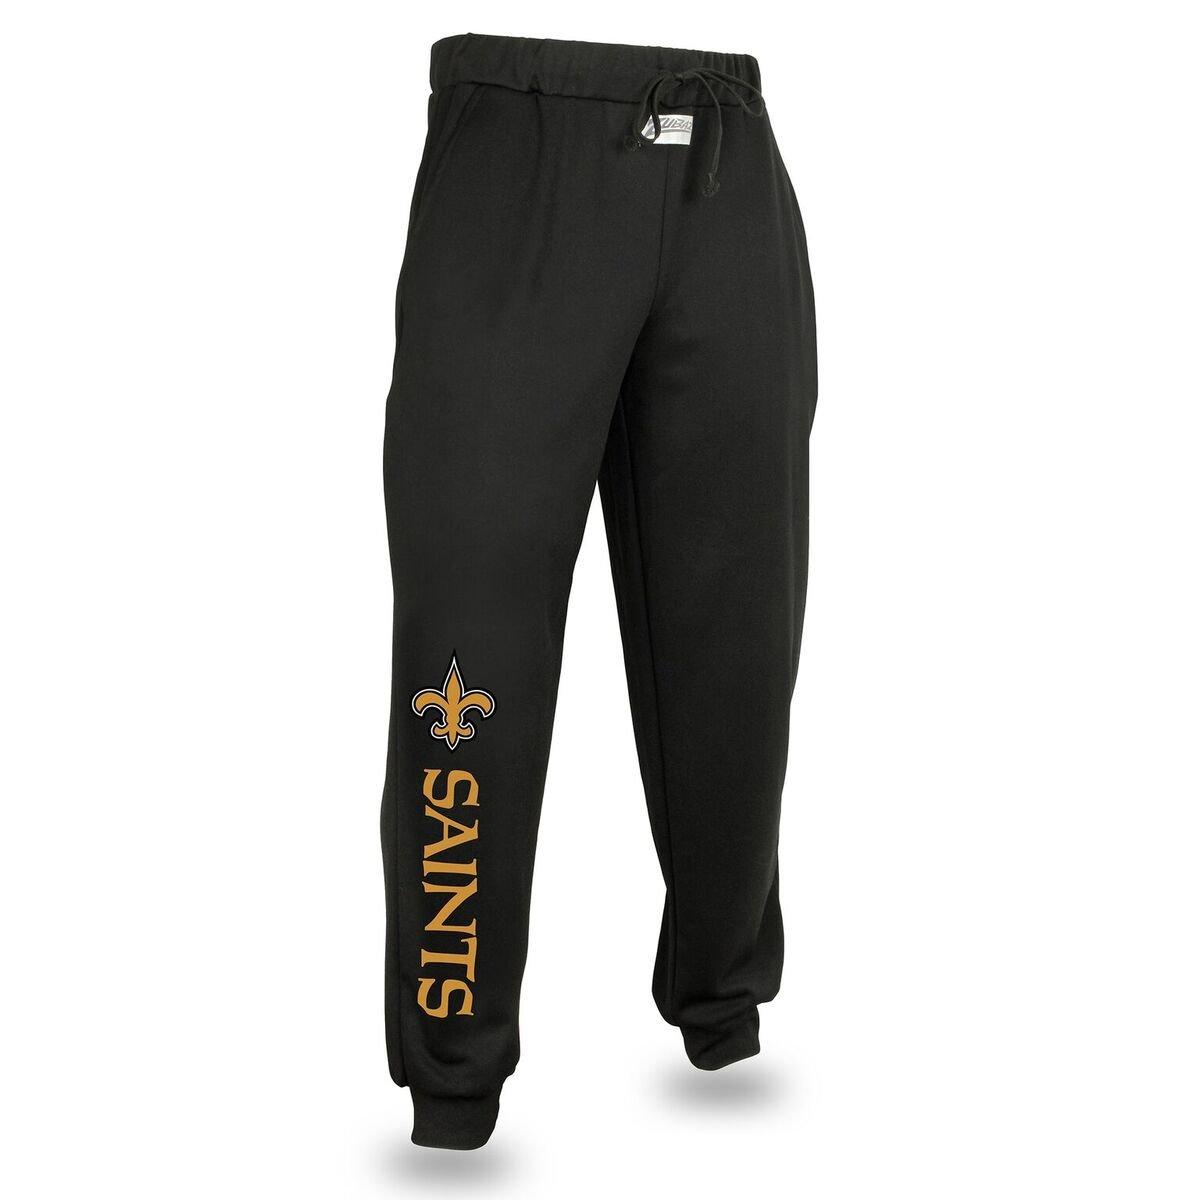 Zubaz NFL Mens Mens NFL Solid Team Logo Jogger Pants